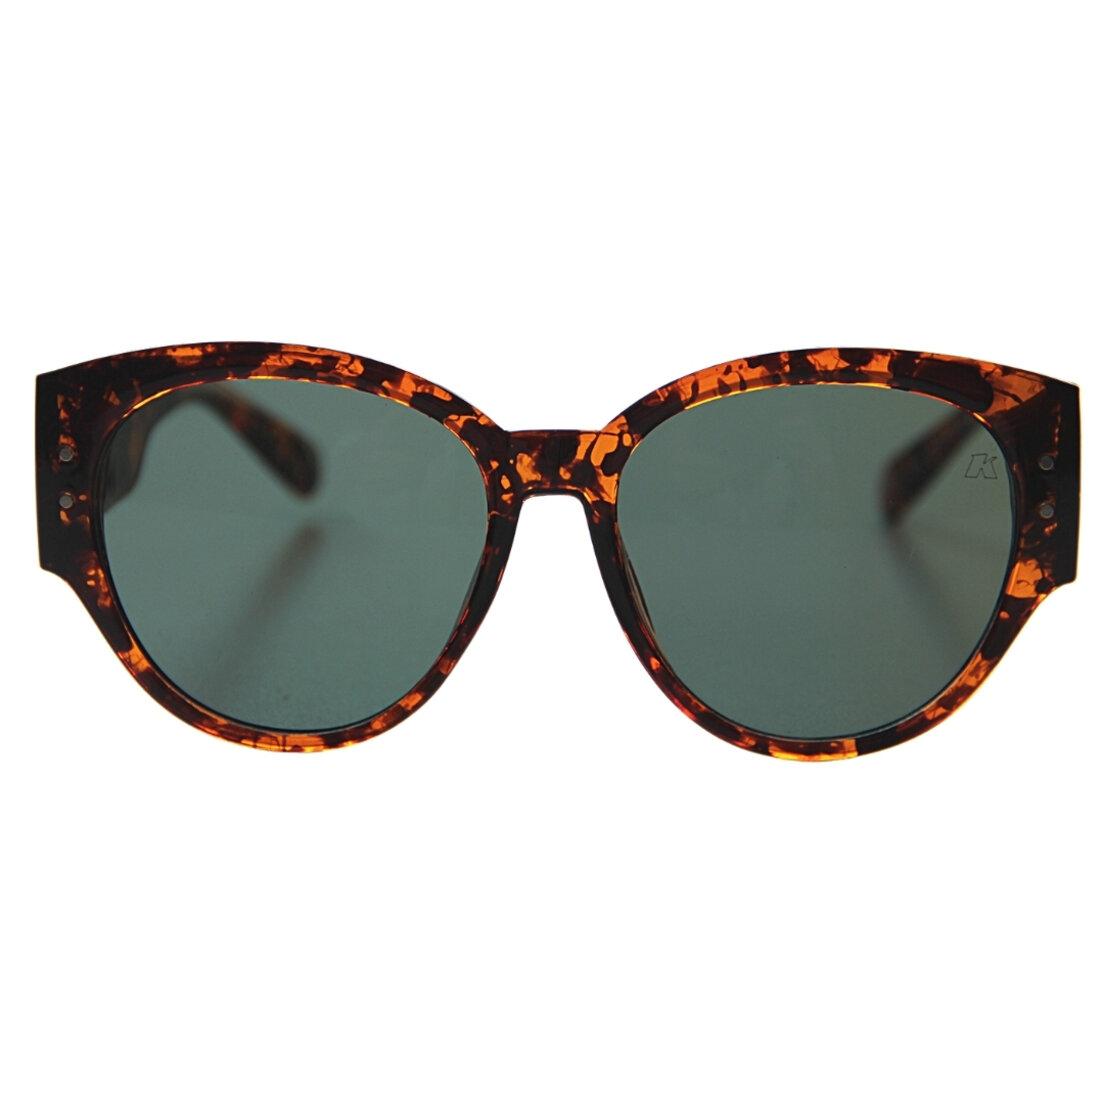 Óculos de Sol Khatto Cat Top Fashion Italiano - C010